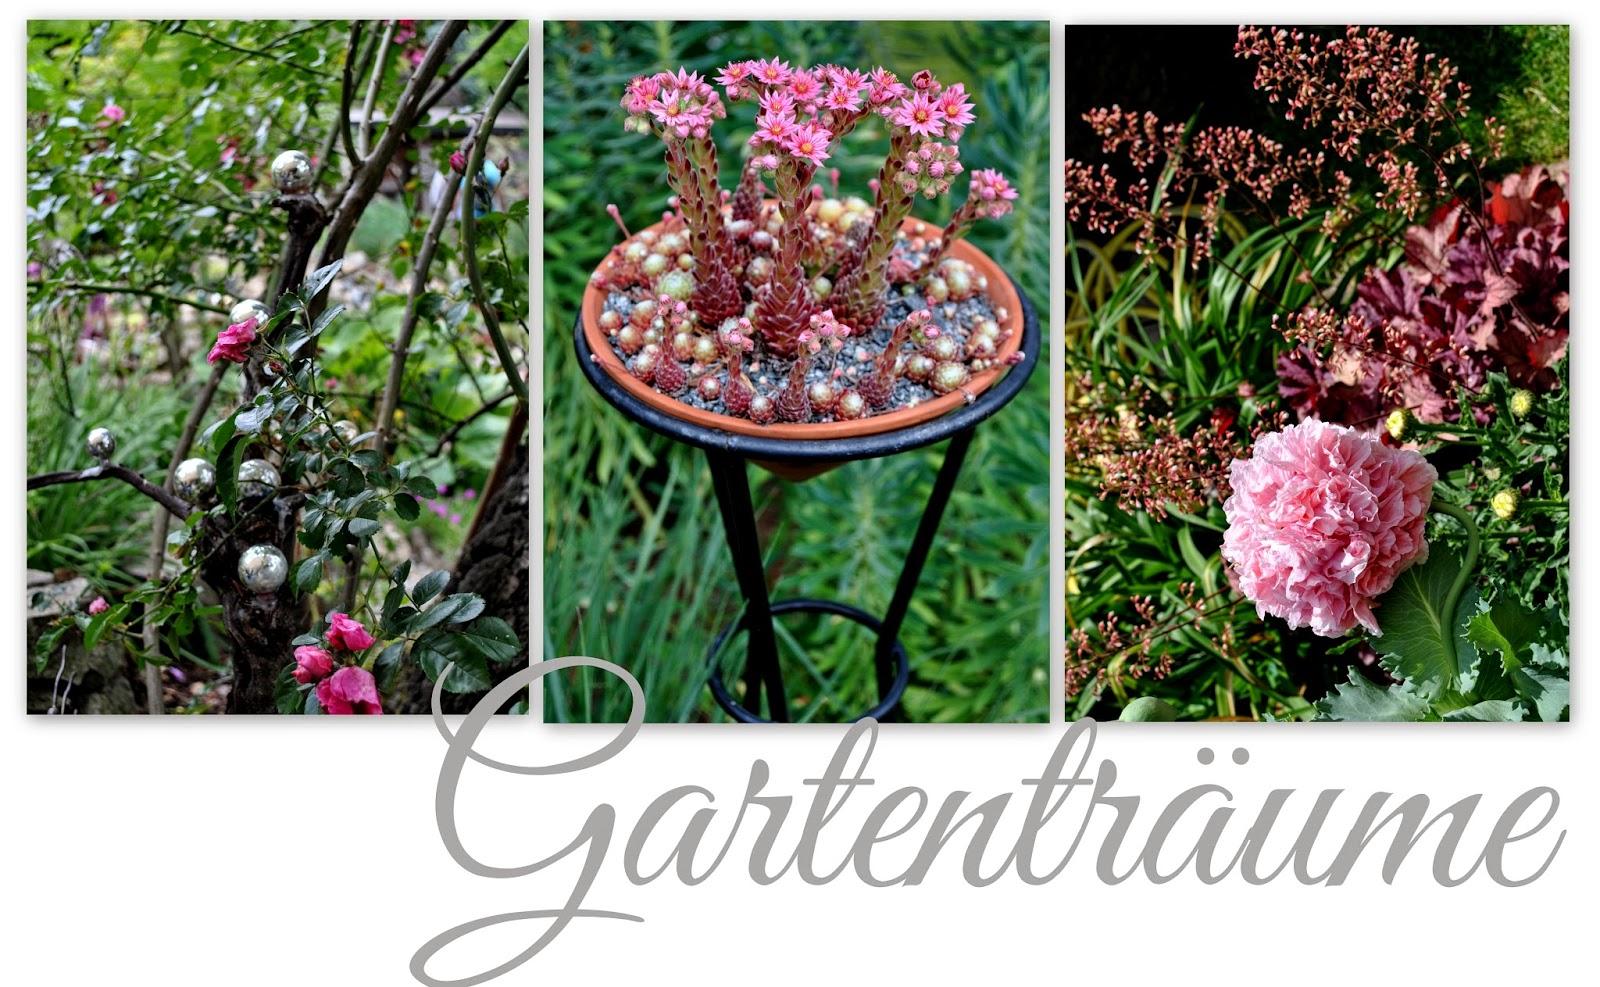 Gartenideen vomTag der offenen Gartenpforte